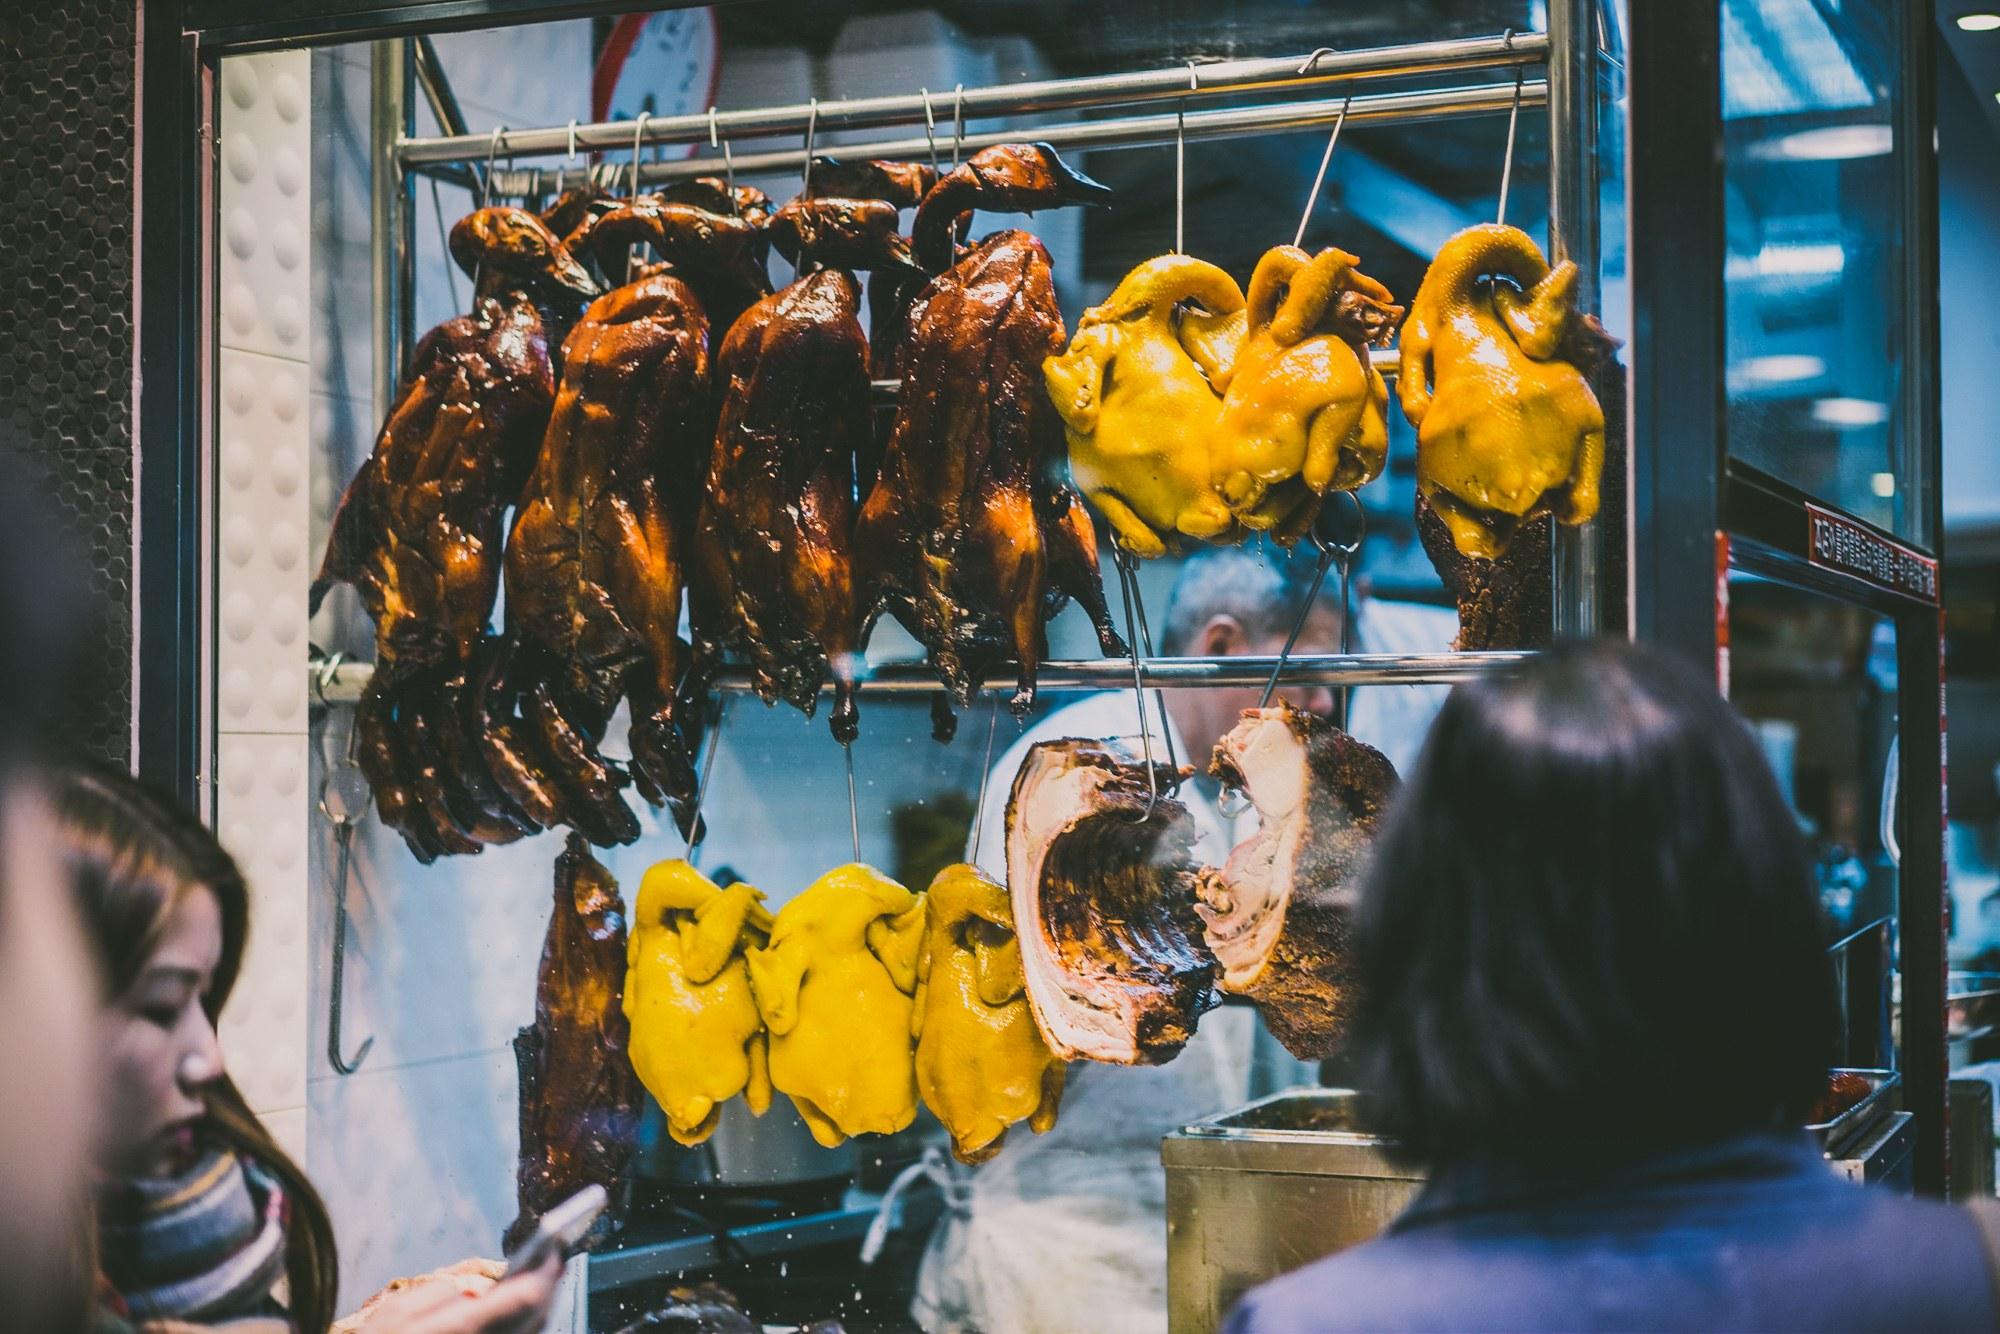 Hong Kong streetfood